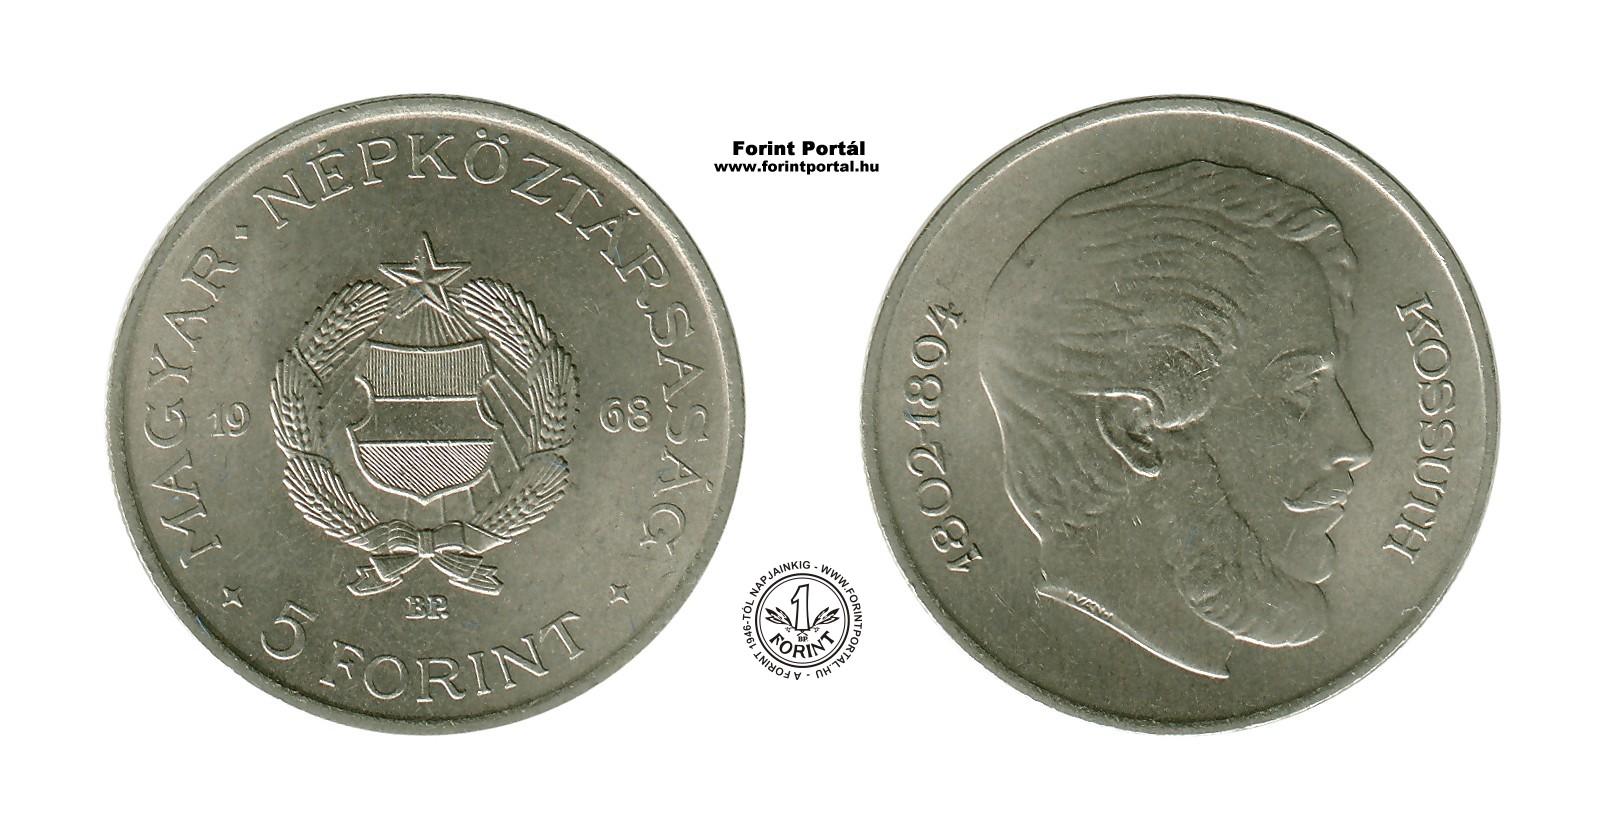 http://www.forintportal.hu/forint/5_forint/www_forintportal_hu_1968_5_forint.jpg